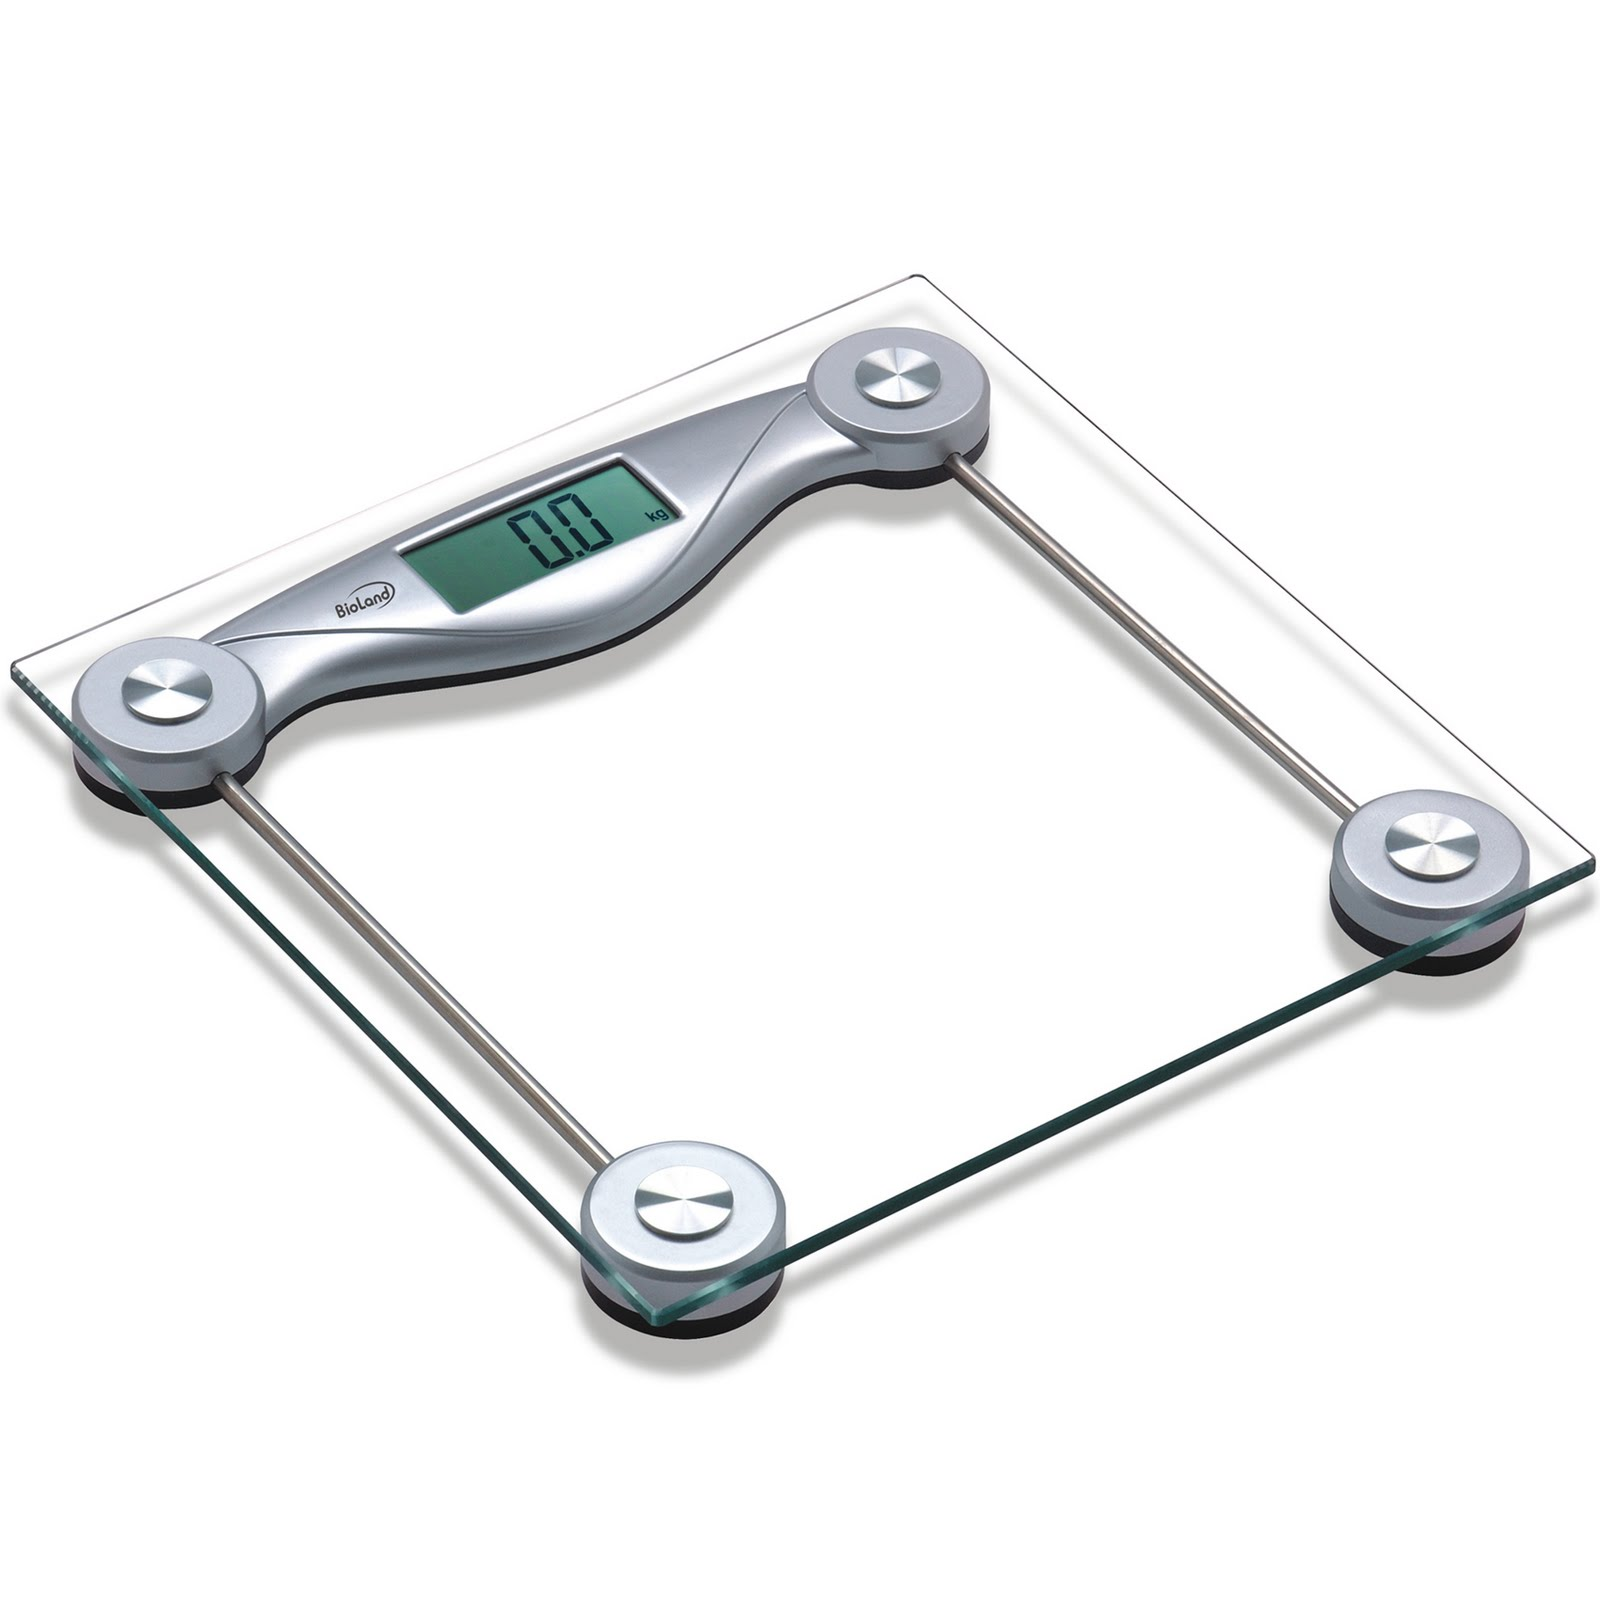 Balança: analógica ou digital? VilaClub #365B52 1600x1600 Balança Digital Para Banheiro Em Bh